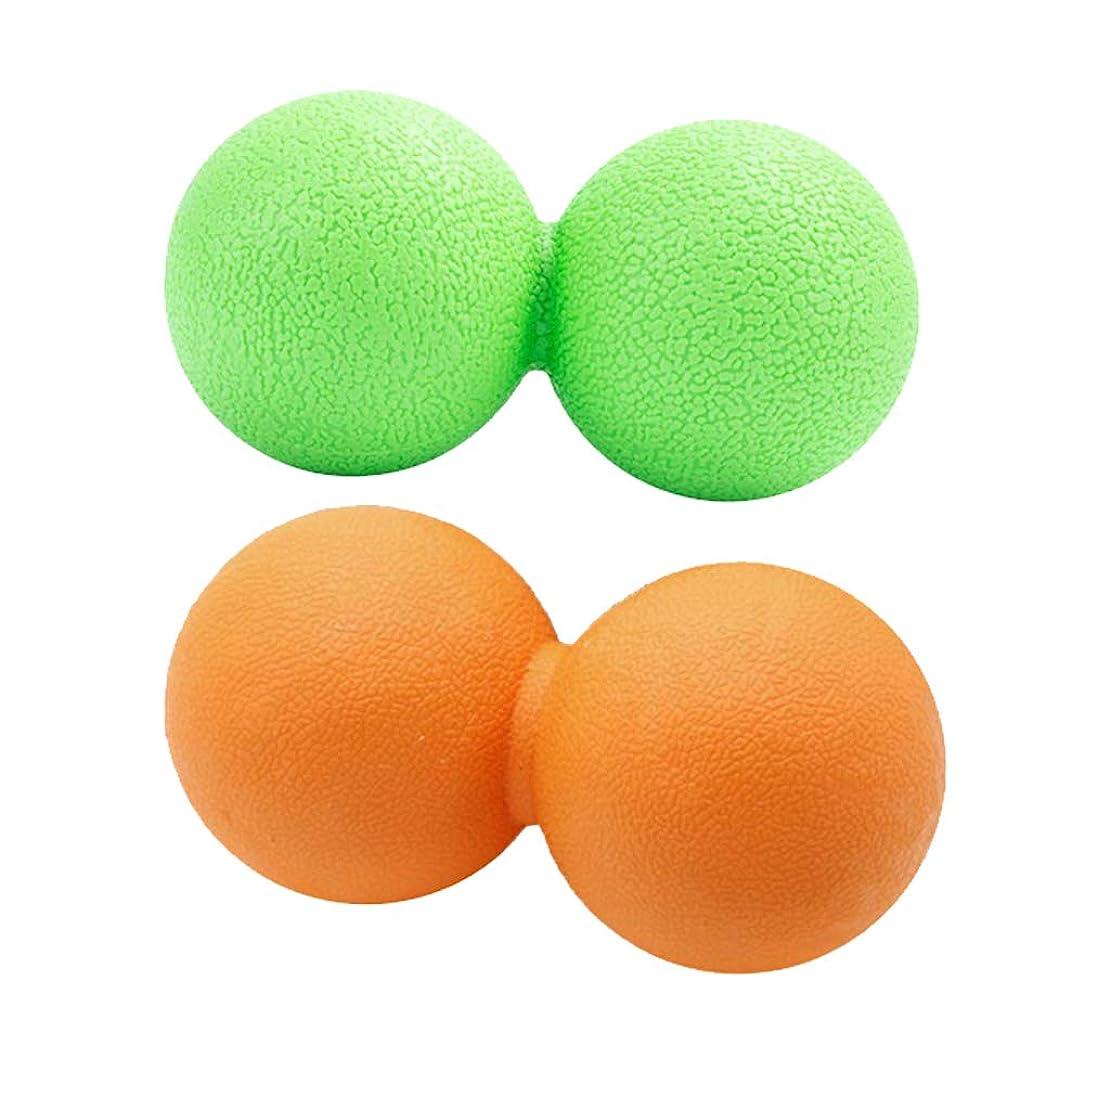 ソート自分を引き上げるあいまいなdailymall 2xピーナッツマッサージボール筋膜リリーストリガーポイントディープティッシュマッサージャー